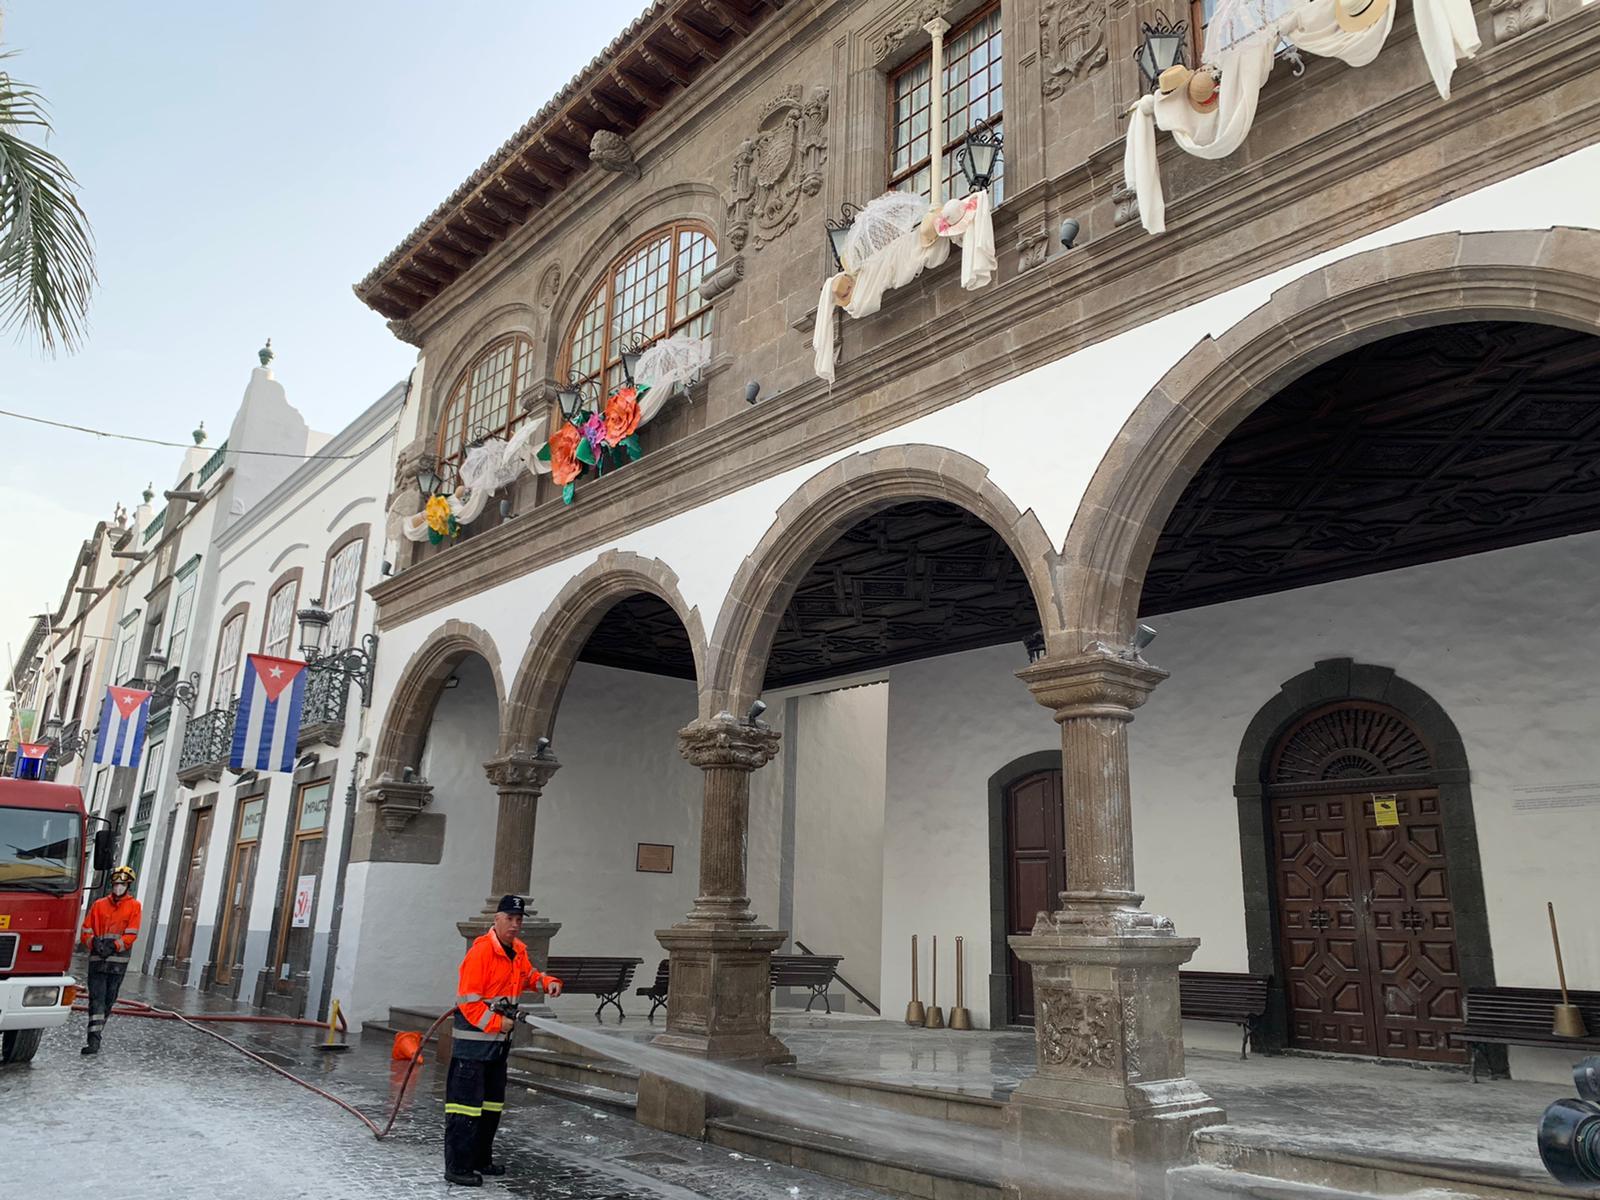 El Ayuntamiento de Santa Cruz de La Palma logra reabrir la avenida antes de las 12 tras retirar 40 toneladas de residuos de Los Indianos